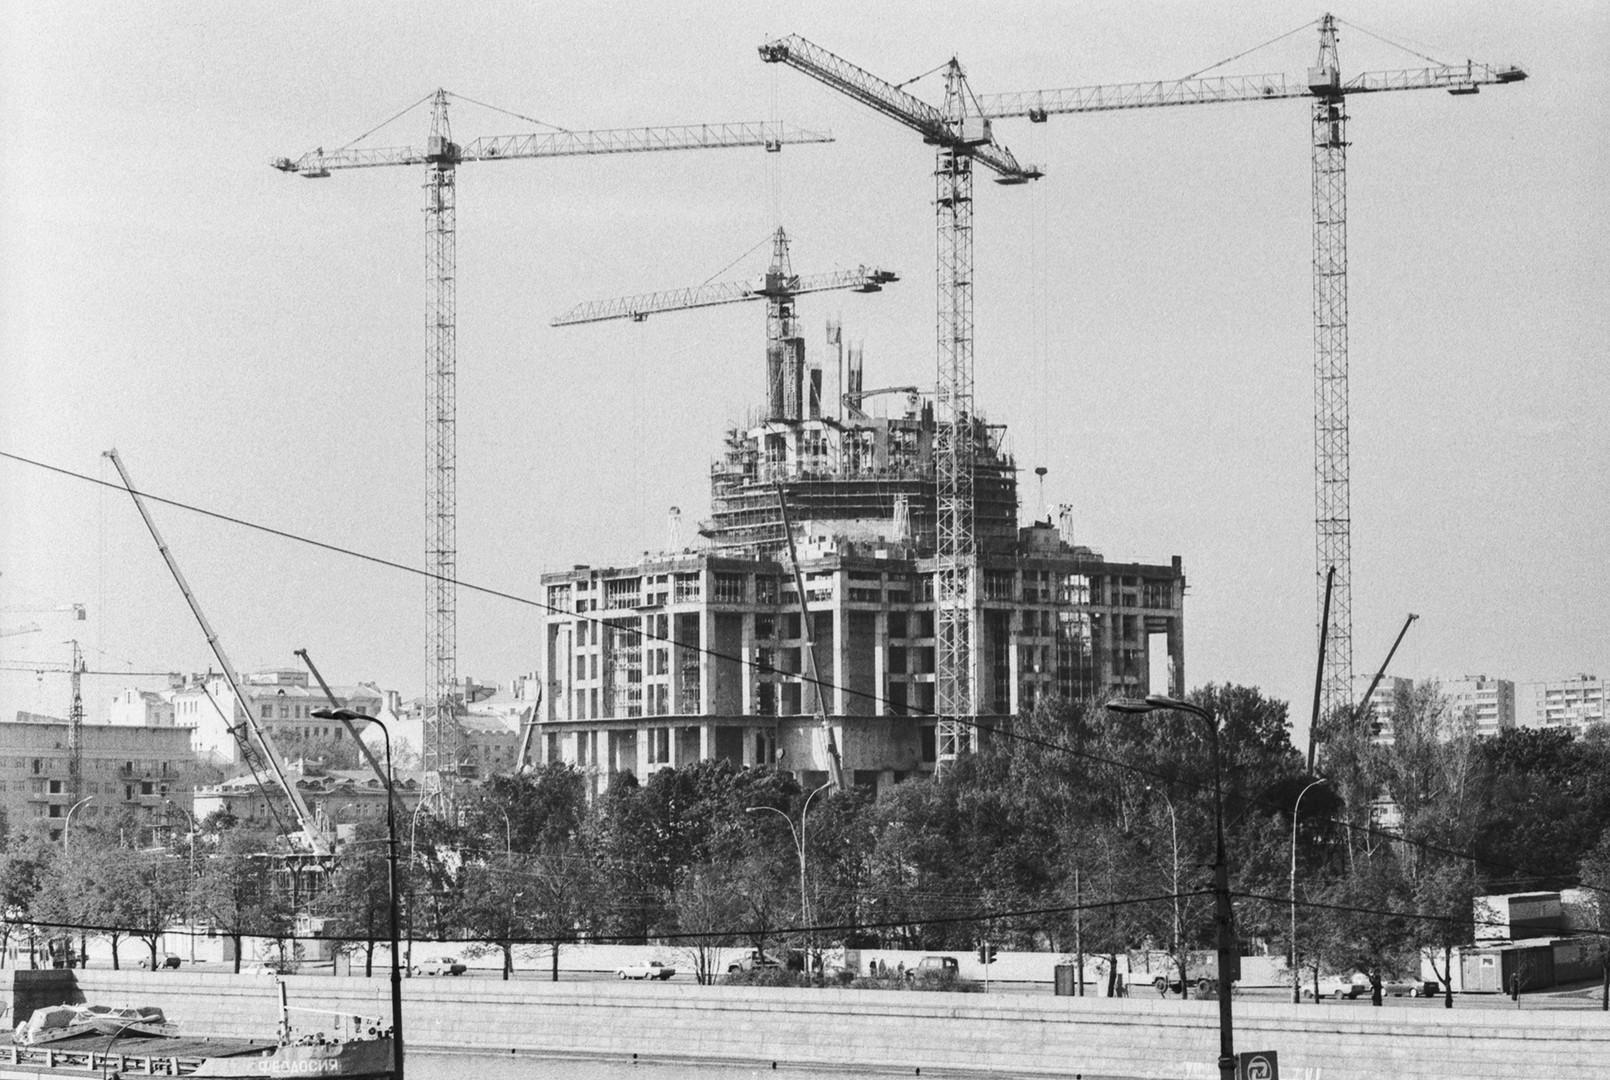 """""""Наместо тоа, на местото на изградбата е пуштен во работа најголемиот отворен базен на светот""""."""